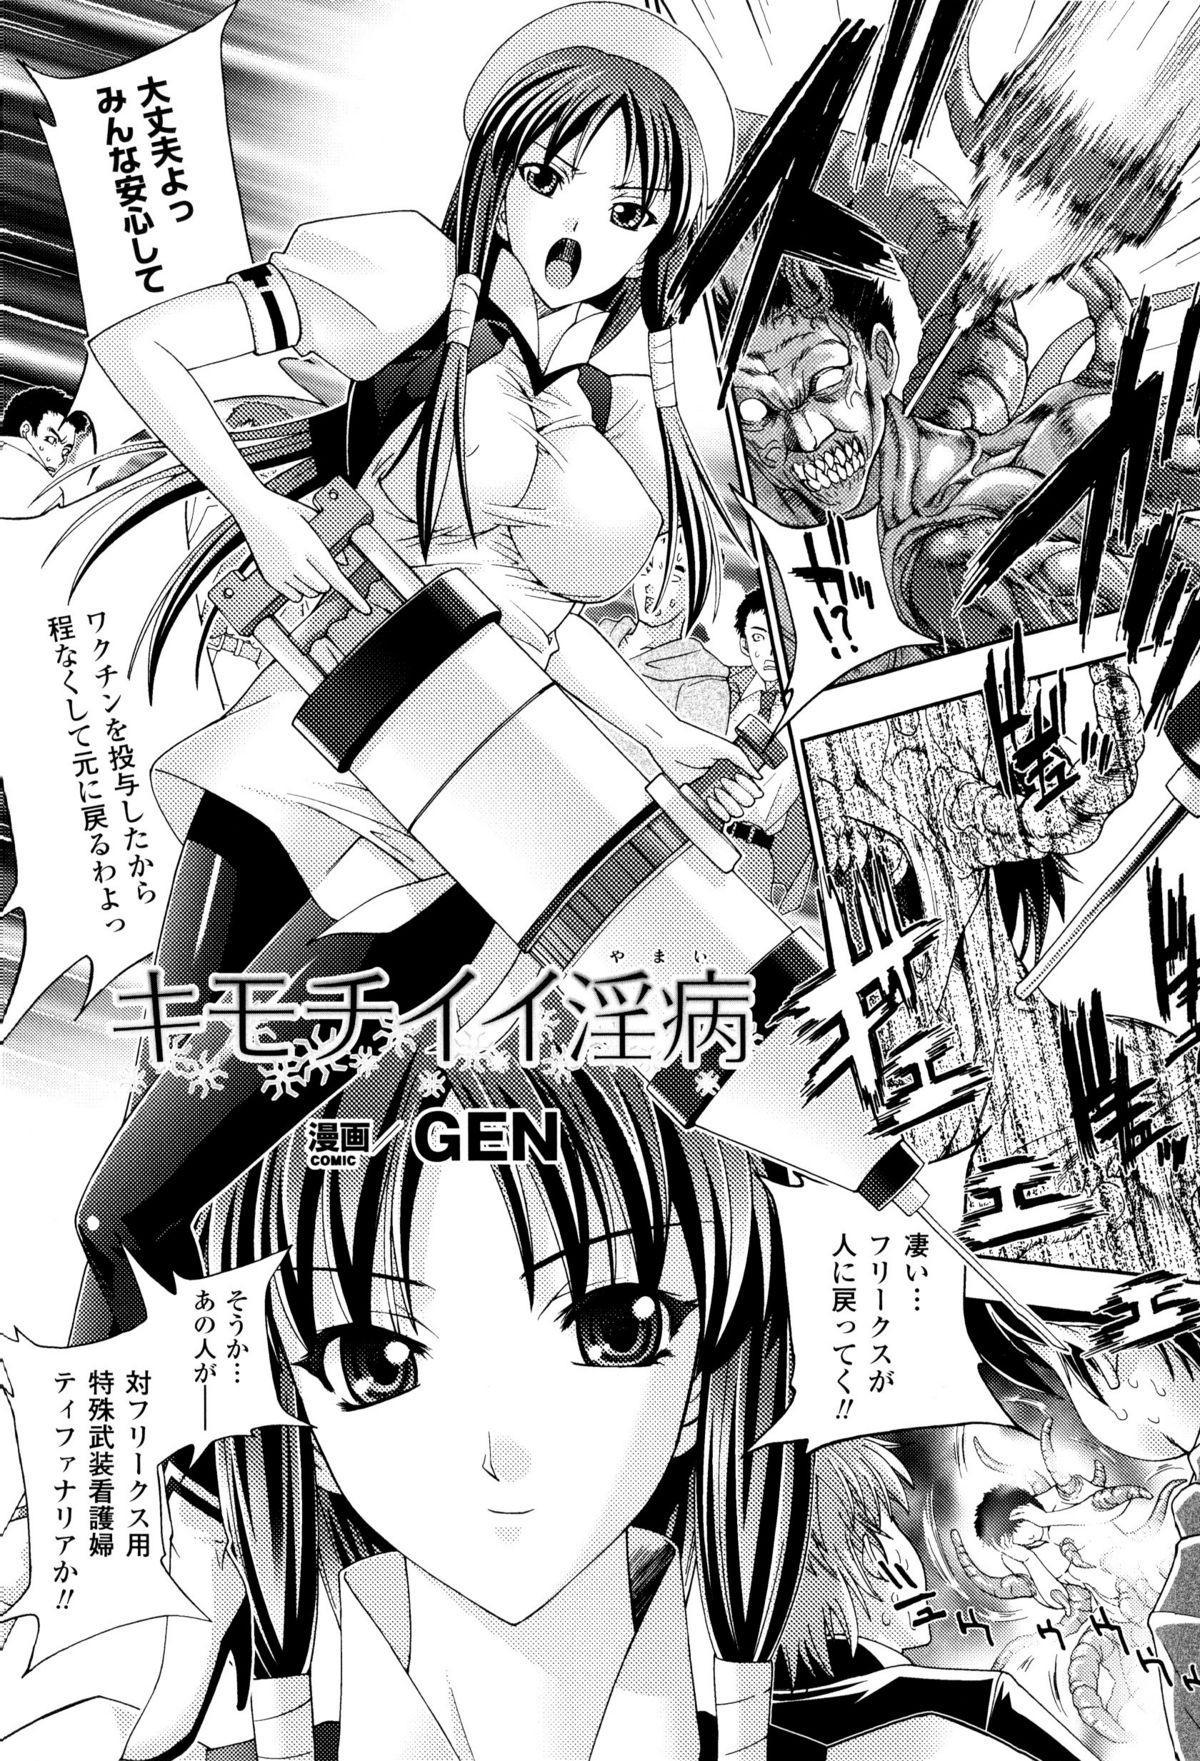 Toushin Engi Vol. 8 168